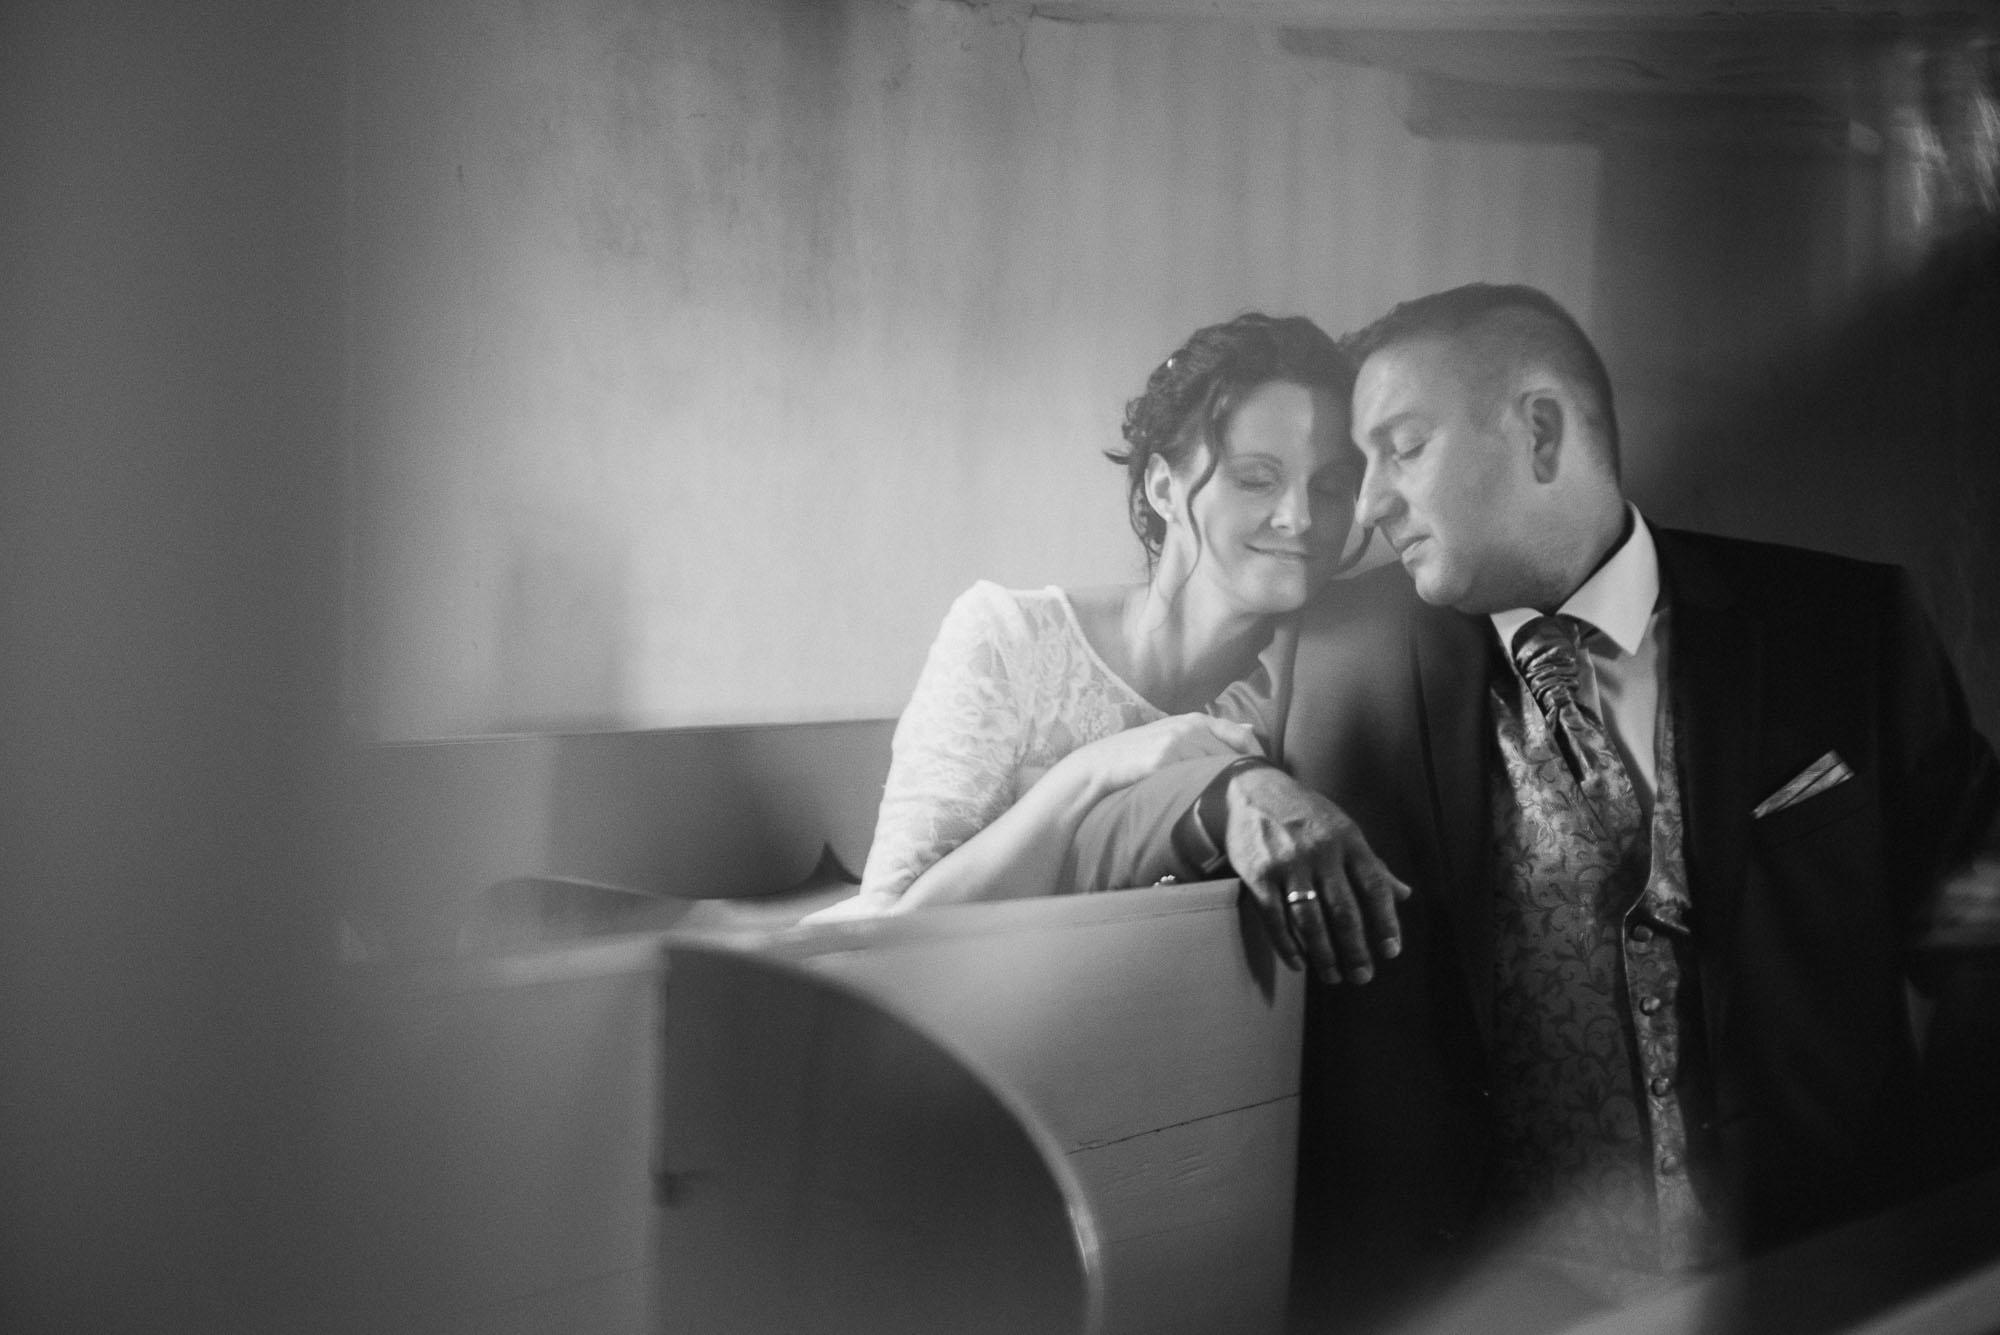 Hochzeitsfotograf Plauen, Hochzeitsfotograf Vogtland, Hochzeitsfotograf Zwickau, Hochzeitsfotograf Chemnitz